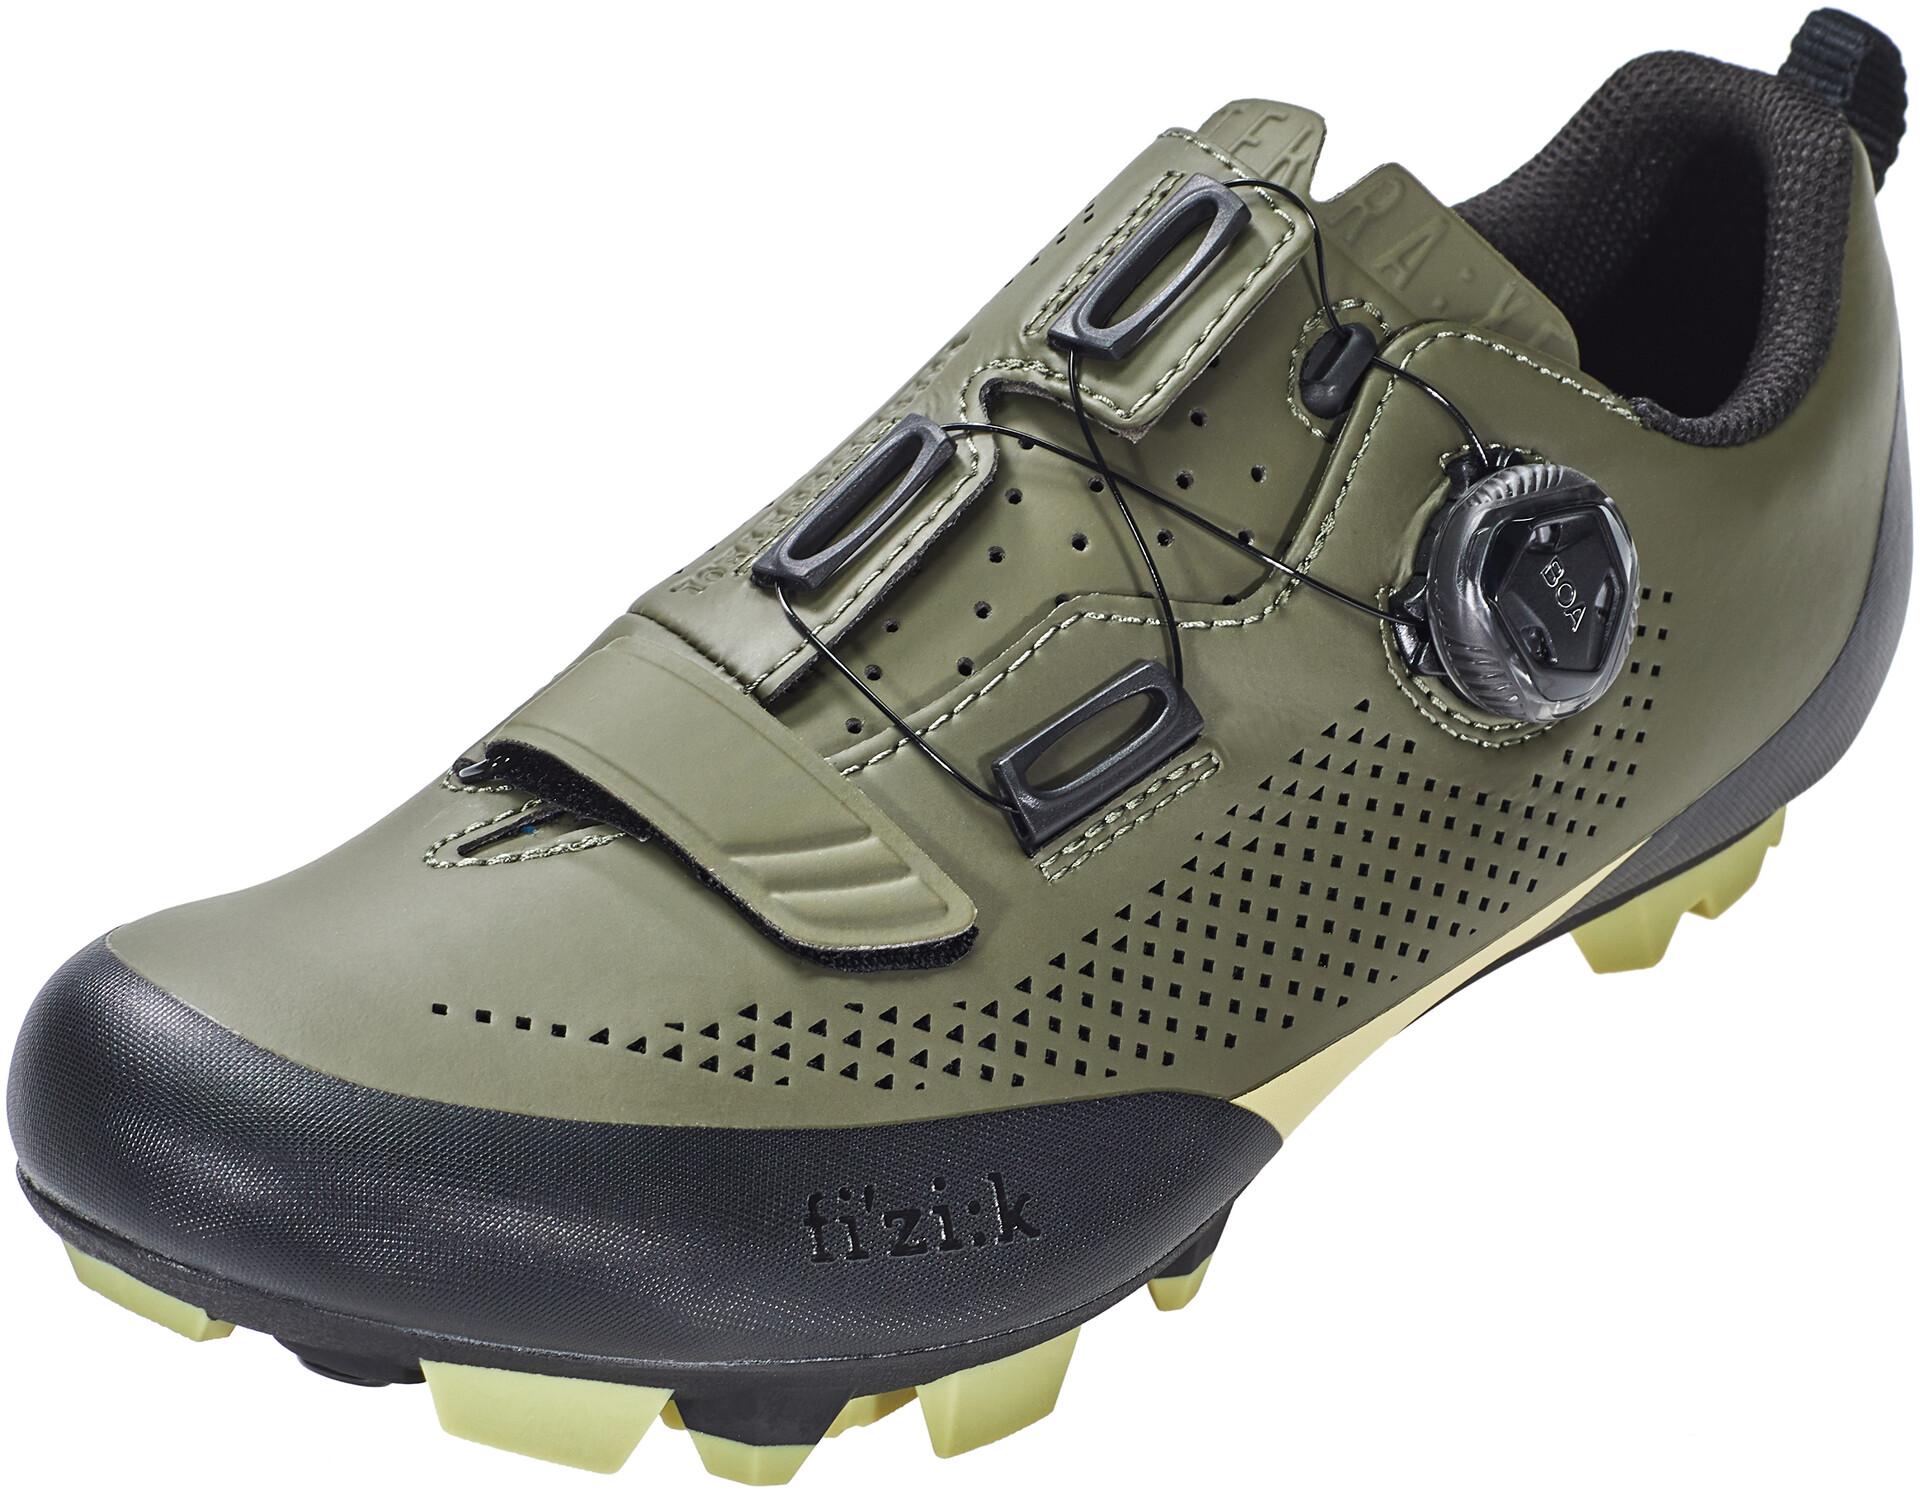 Fizik Terra X5 Chaussures VTT Homme, military greentangy green